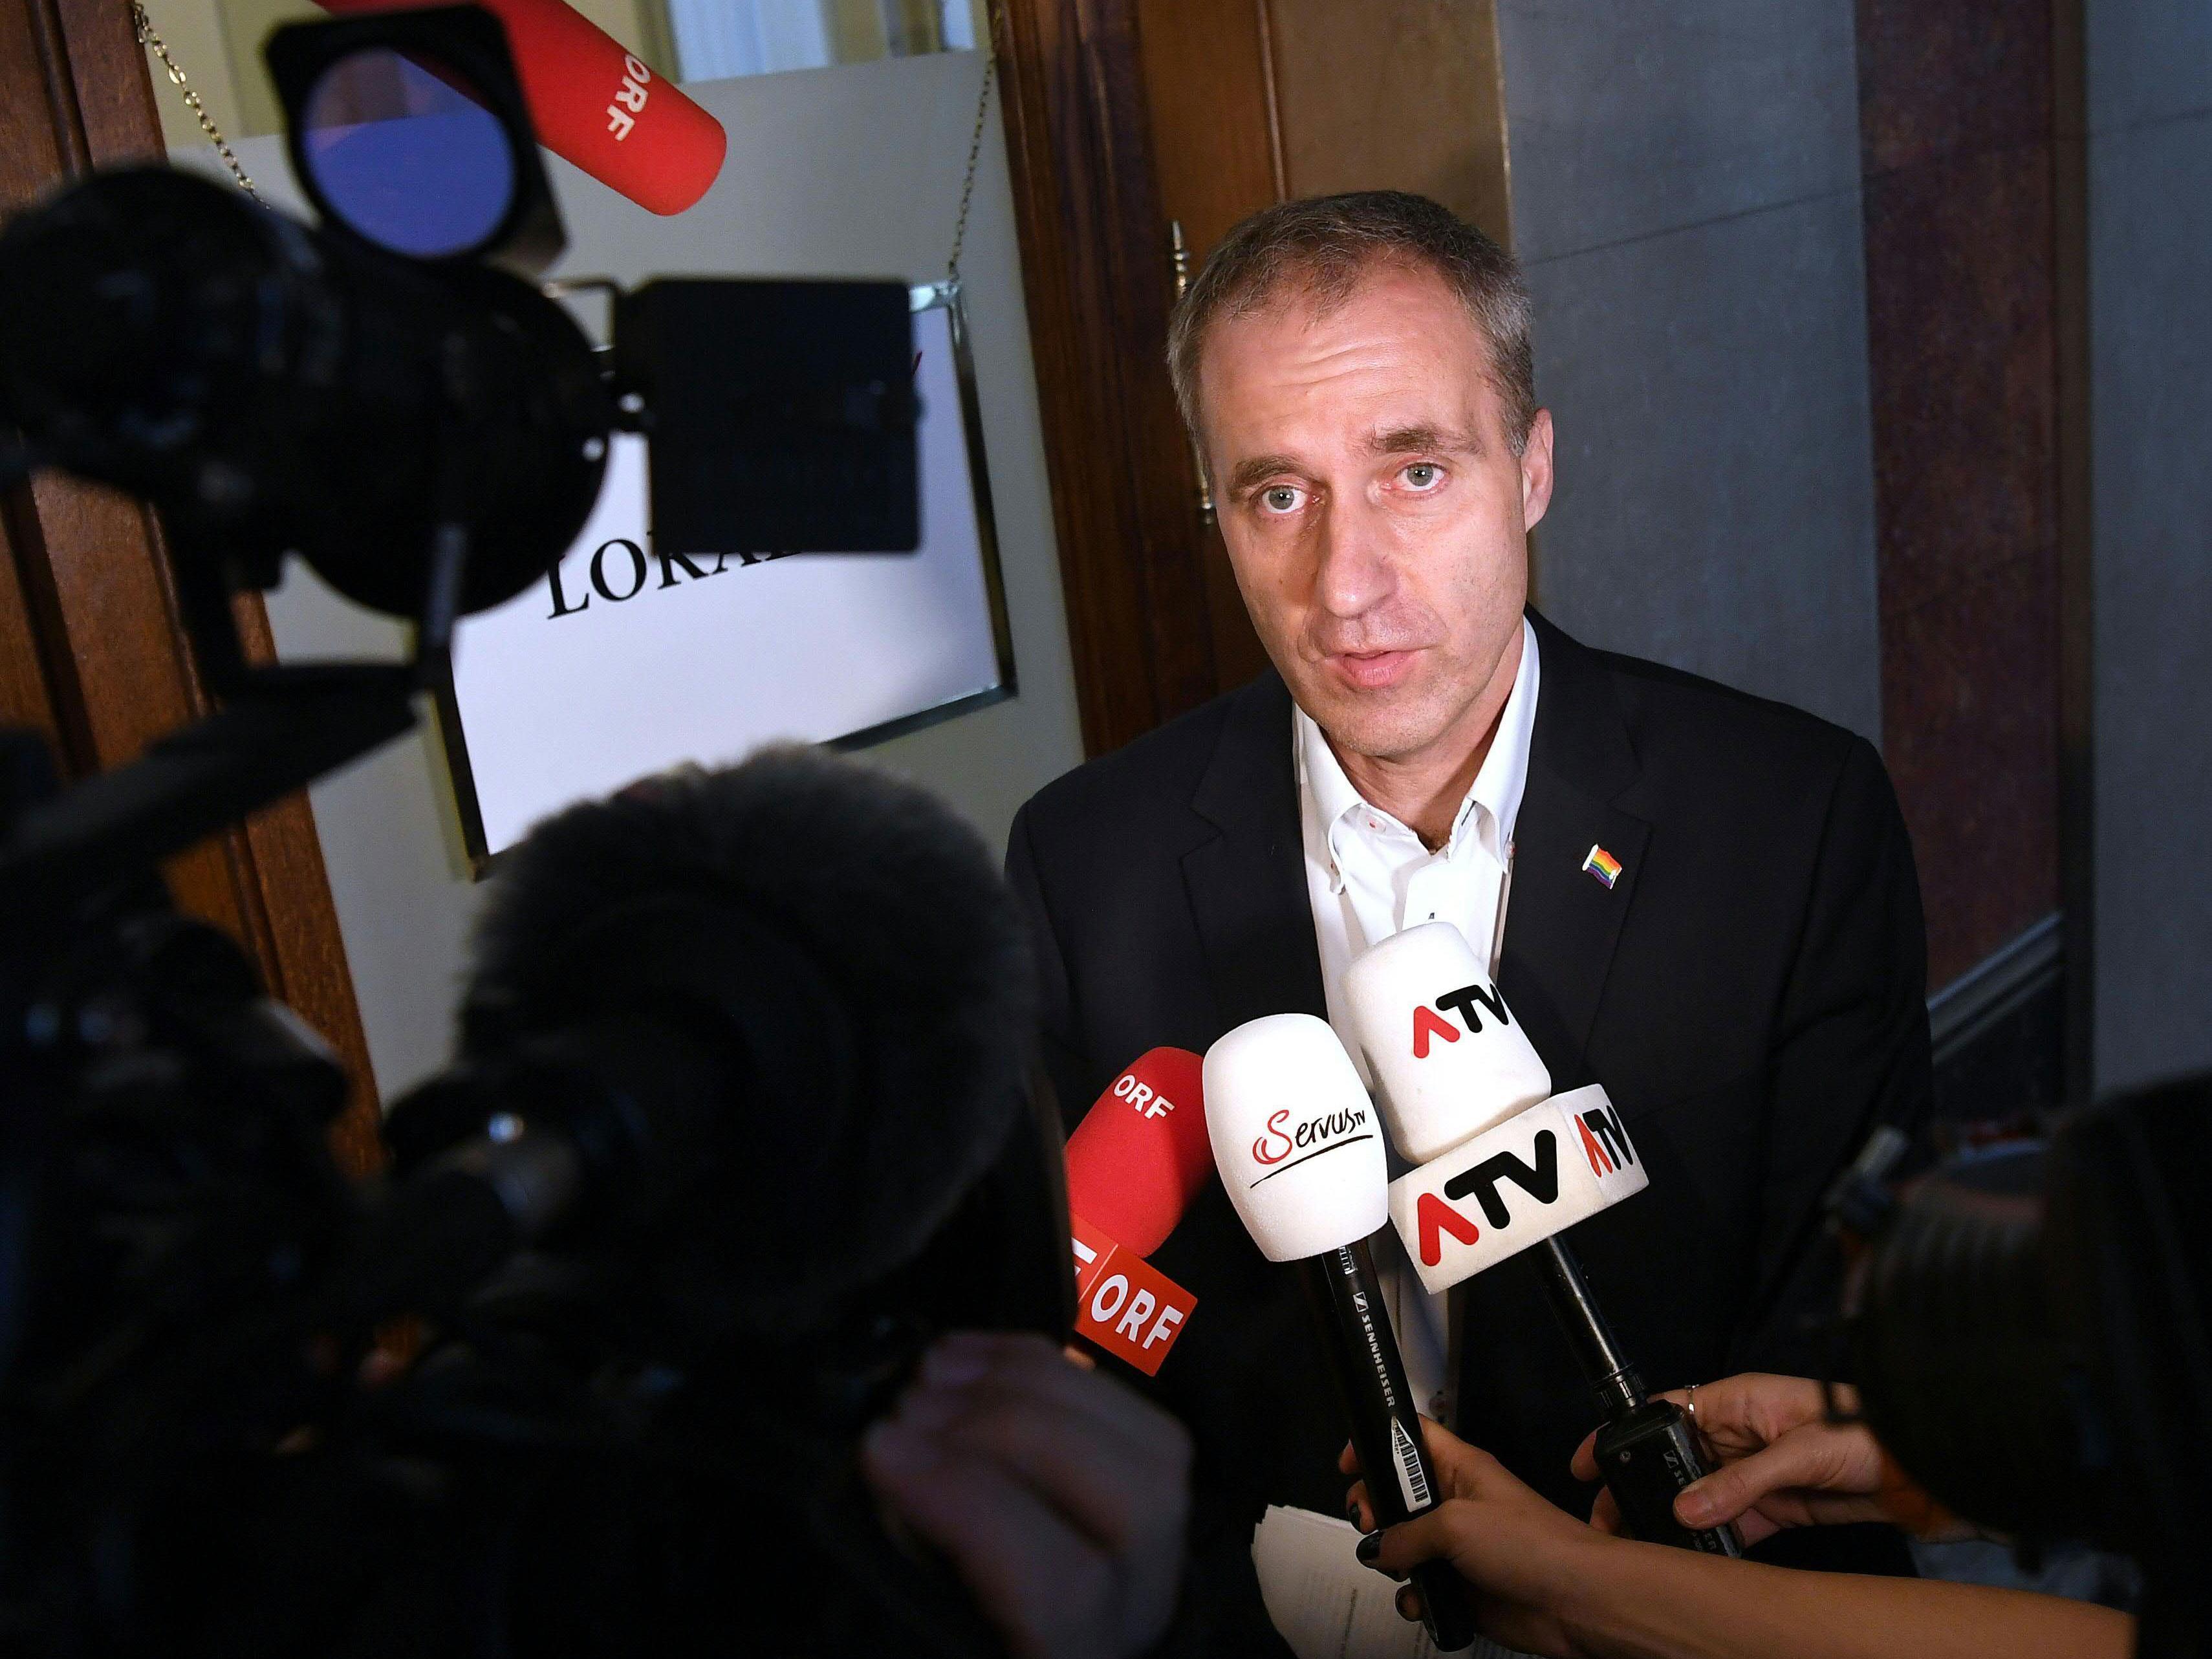 Der Grüne Abgeordnete Dieter Brosz meldete sich in der Causa um das Gewaltvideo zu Wort